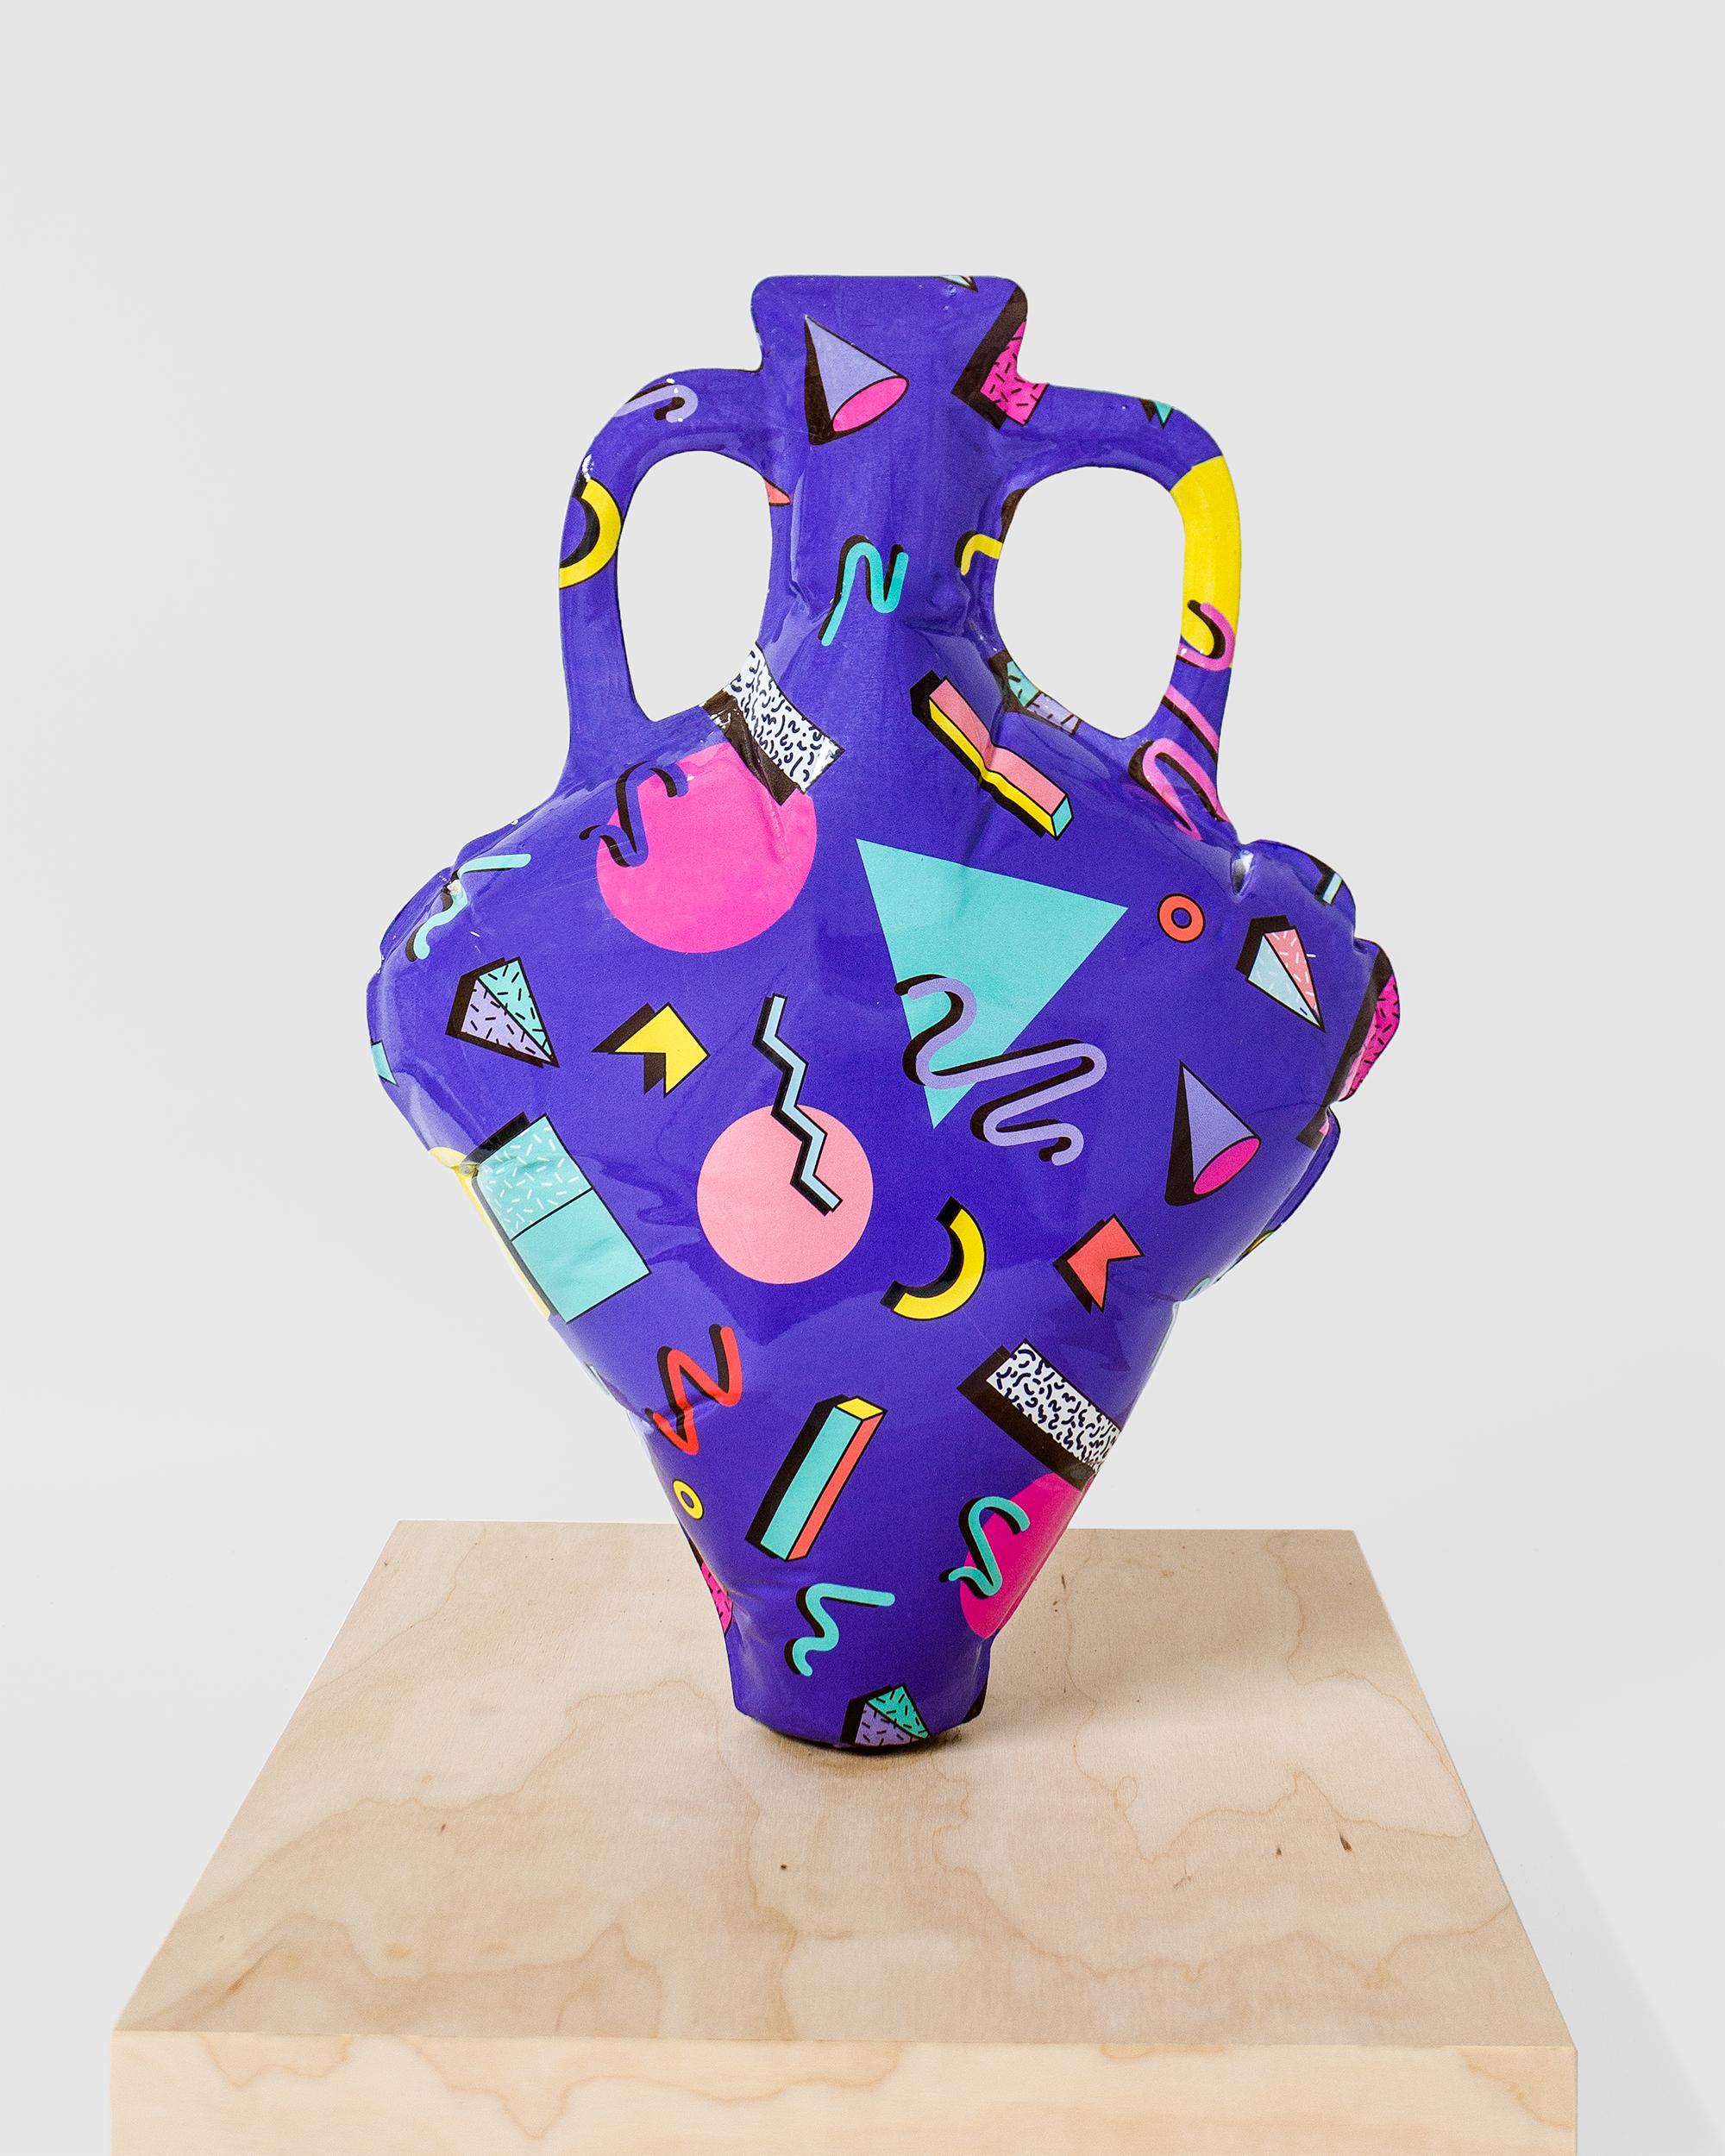 AdamParkerSmith_Sculpture3_Side1.jpg